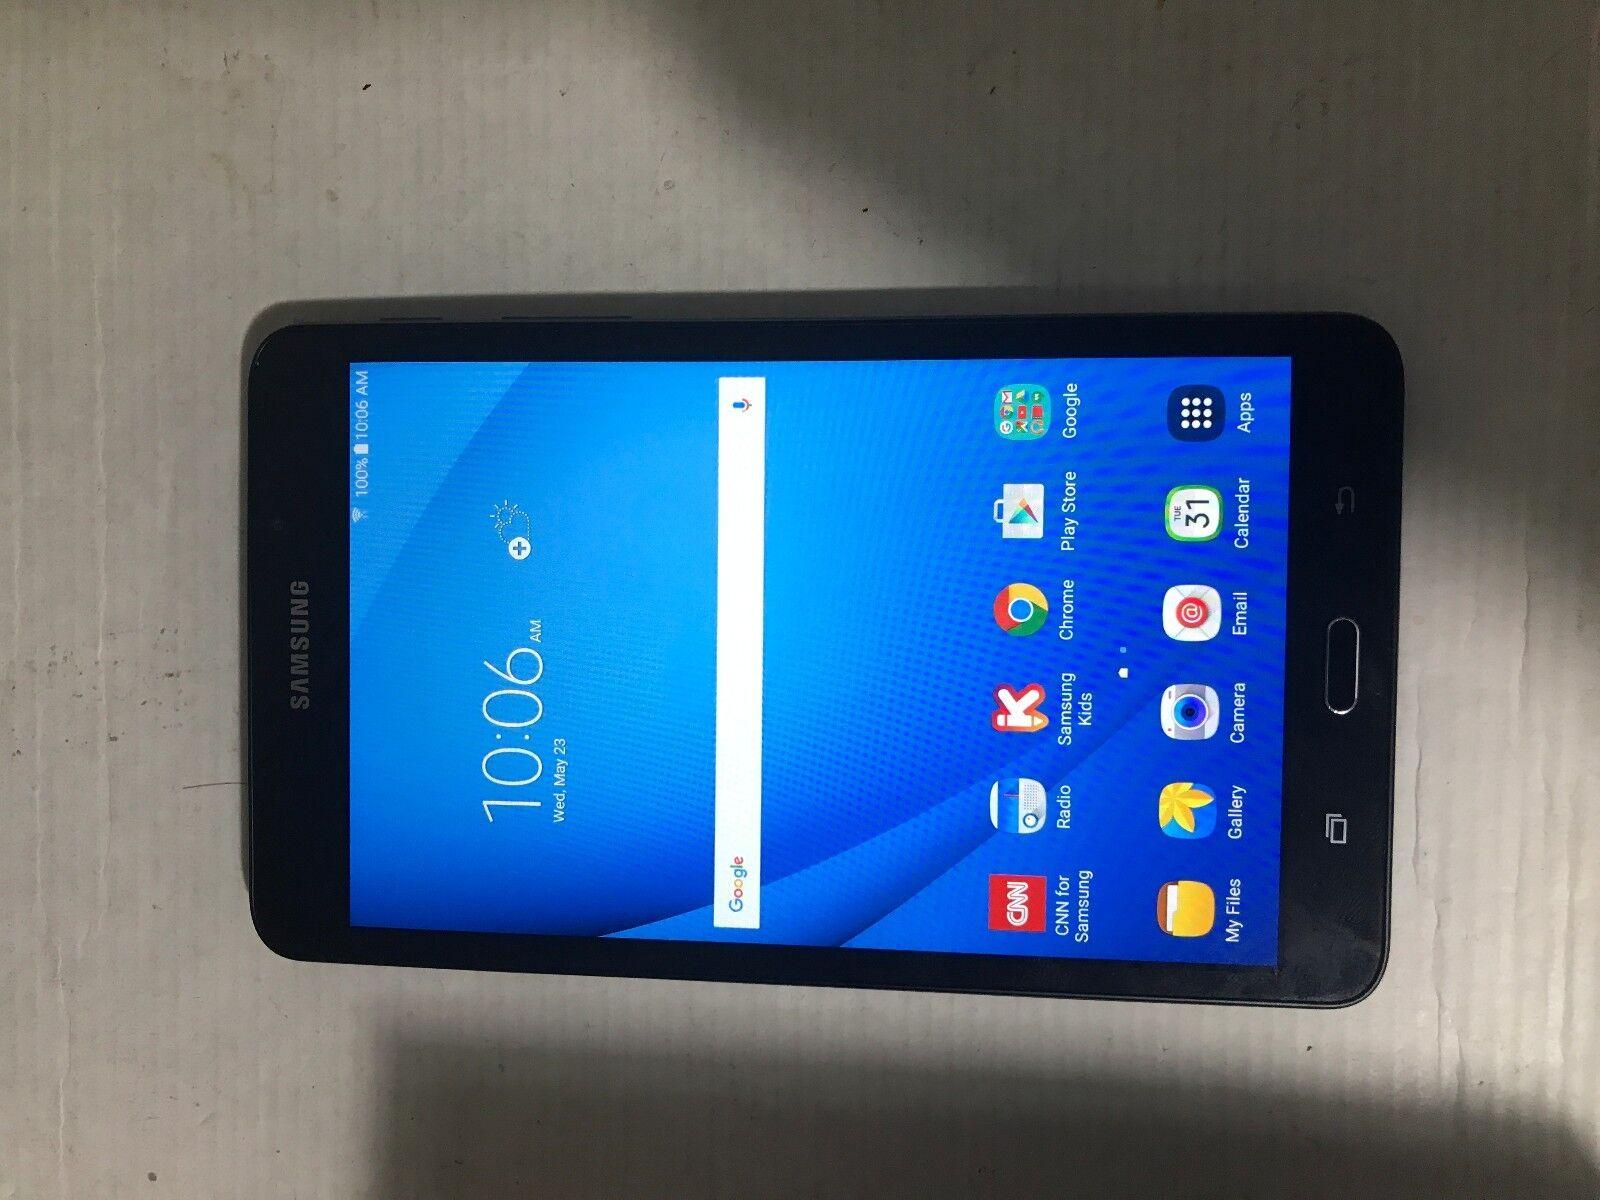 Samsung Galaxy Tab A SM-T280 8GB Wi-fi 7-inch Tablet - Black